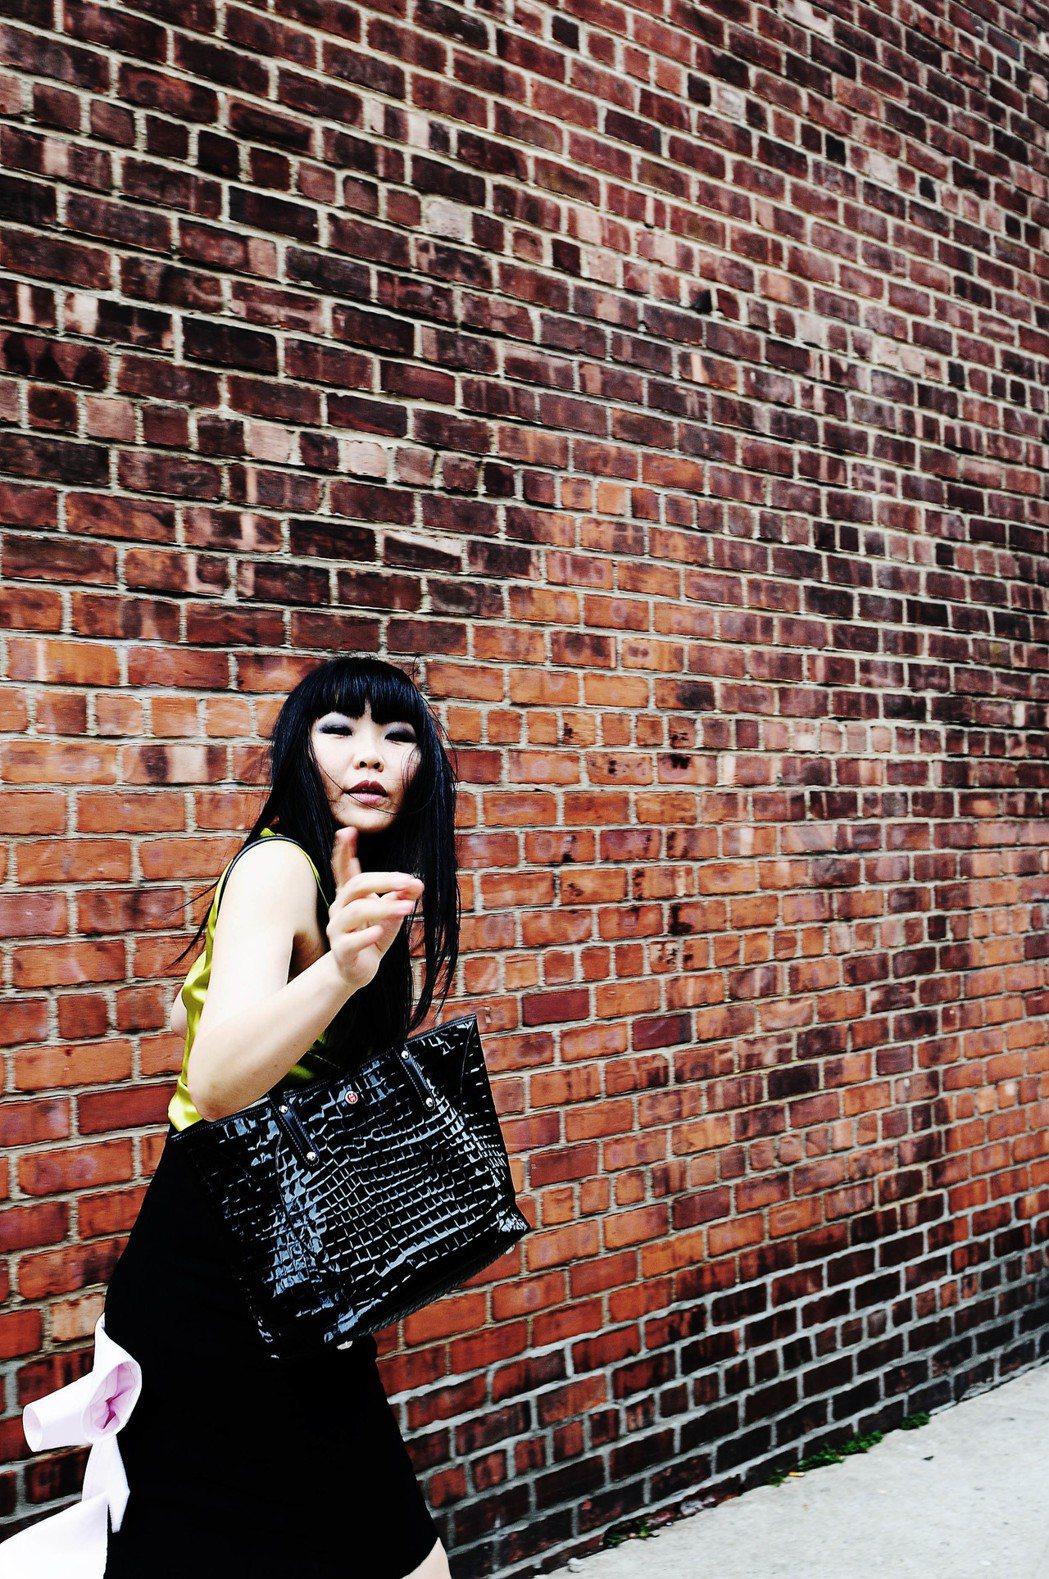 是娟改名Macy發片,旅居紐約20年上演醜女大翻身。圖/Macy工作室提供